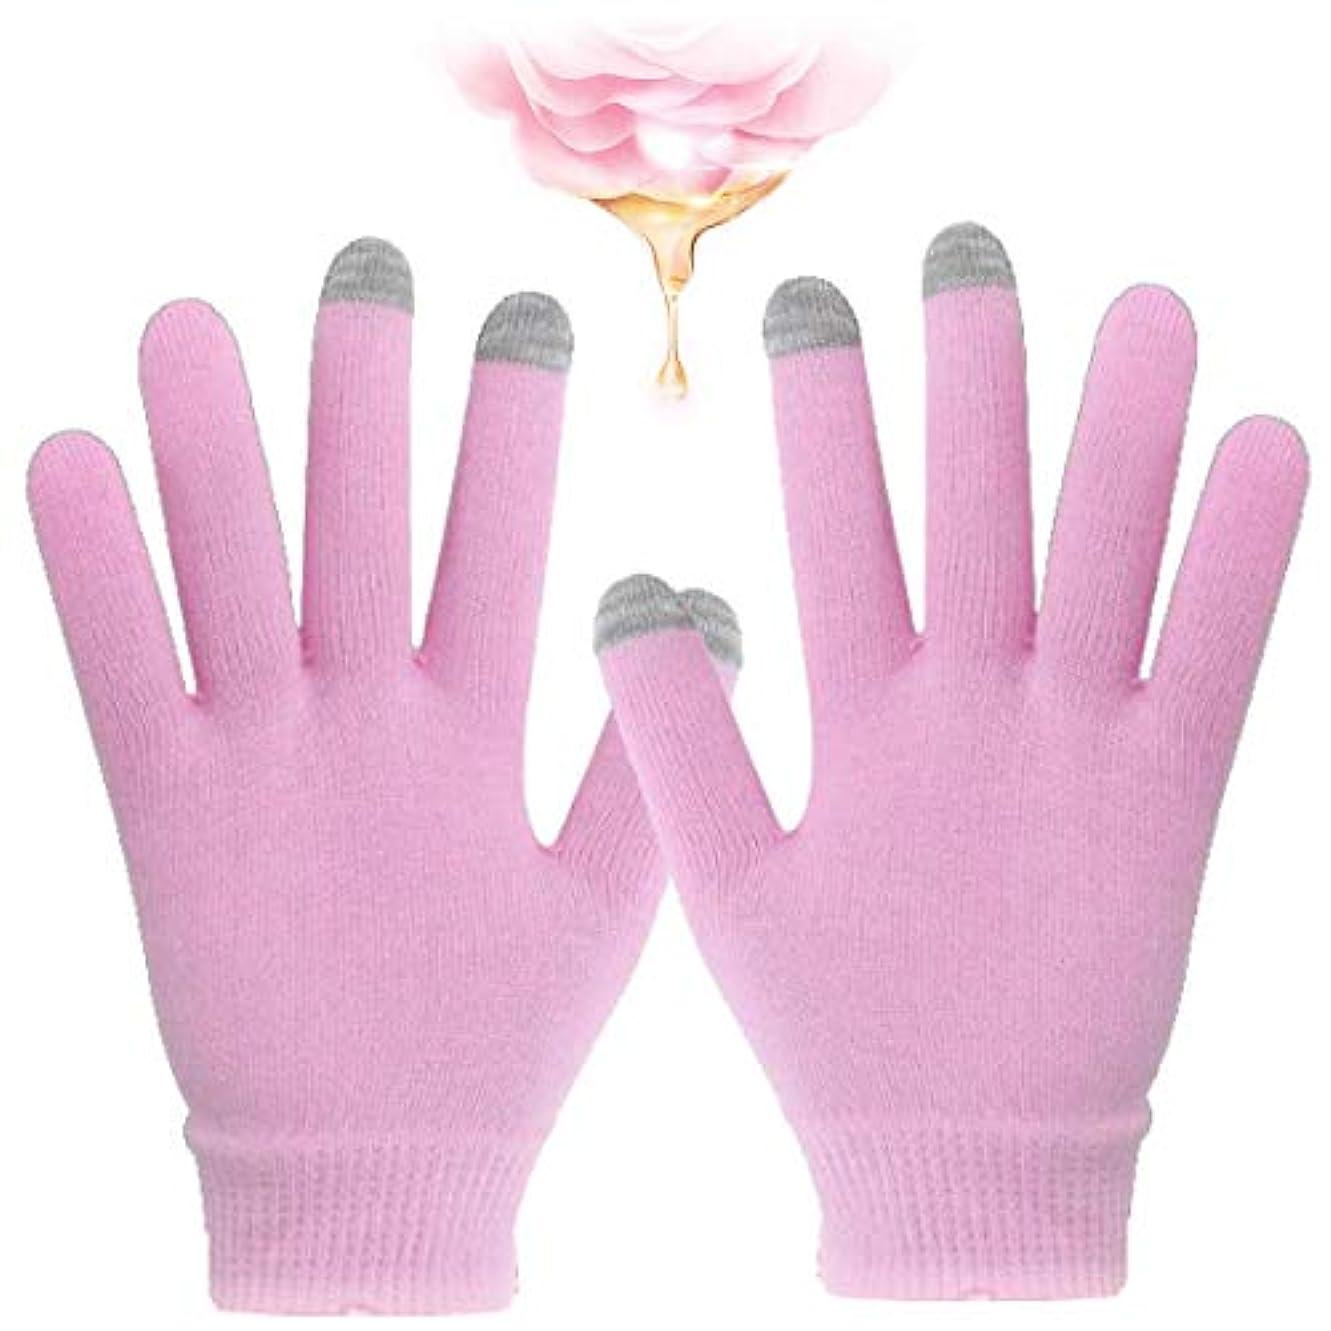 コンソール混沌フロンティアハンドケア 手袋 スマホ対応 手袋 ゲル 保湿 美容成分配合 手荒れ 対策 おやすみ スキンケア グローブ うるおい 保護 タブレット